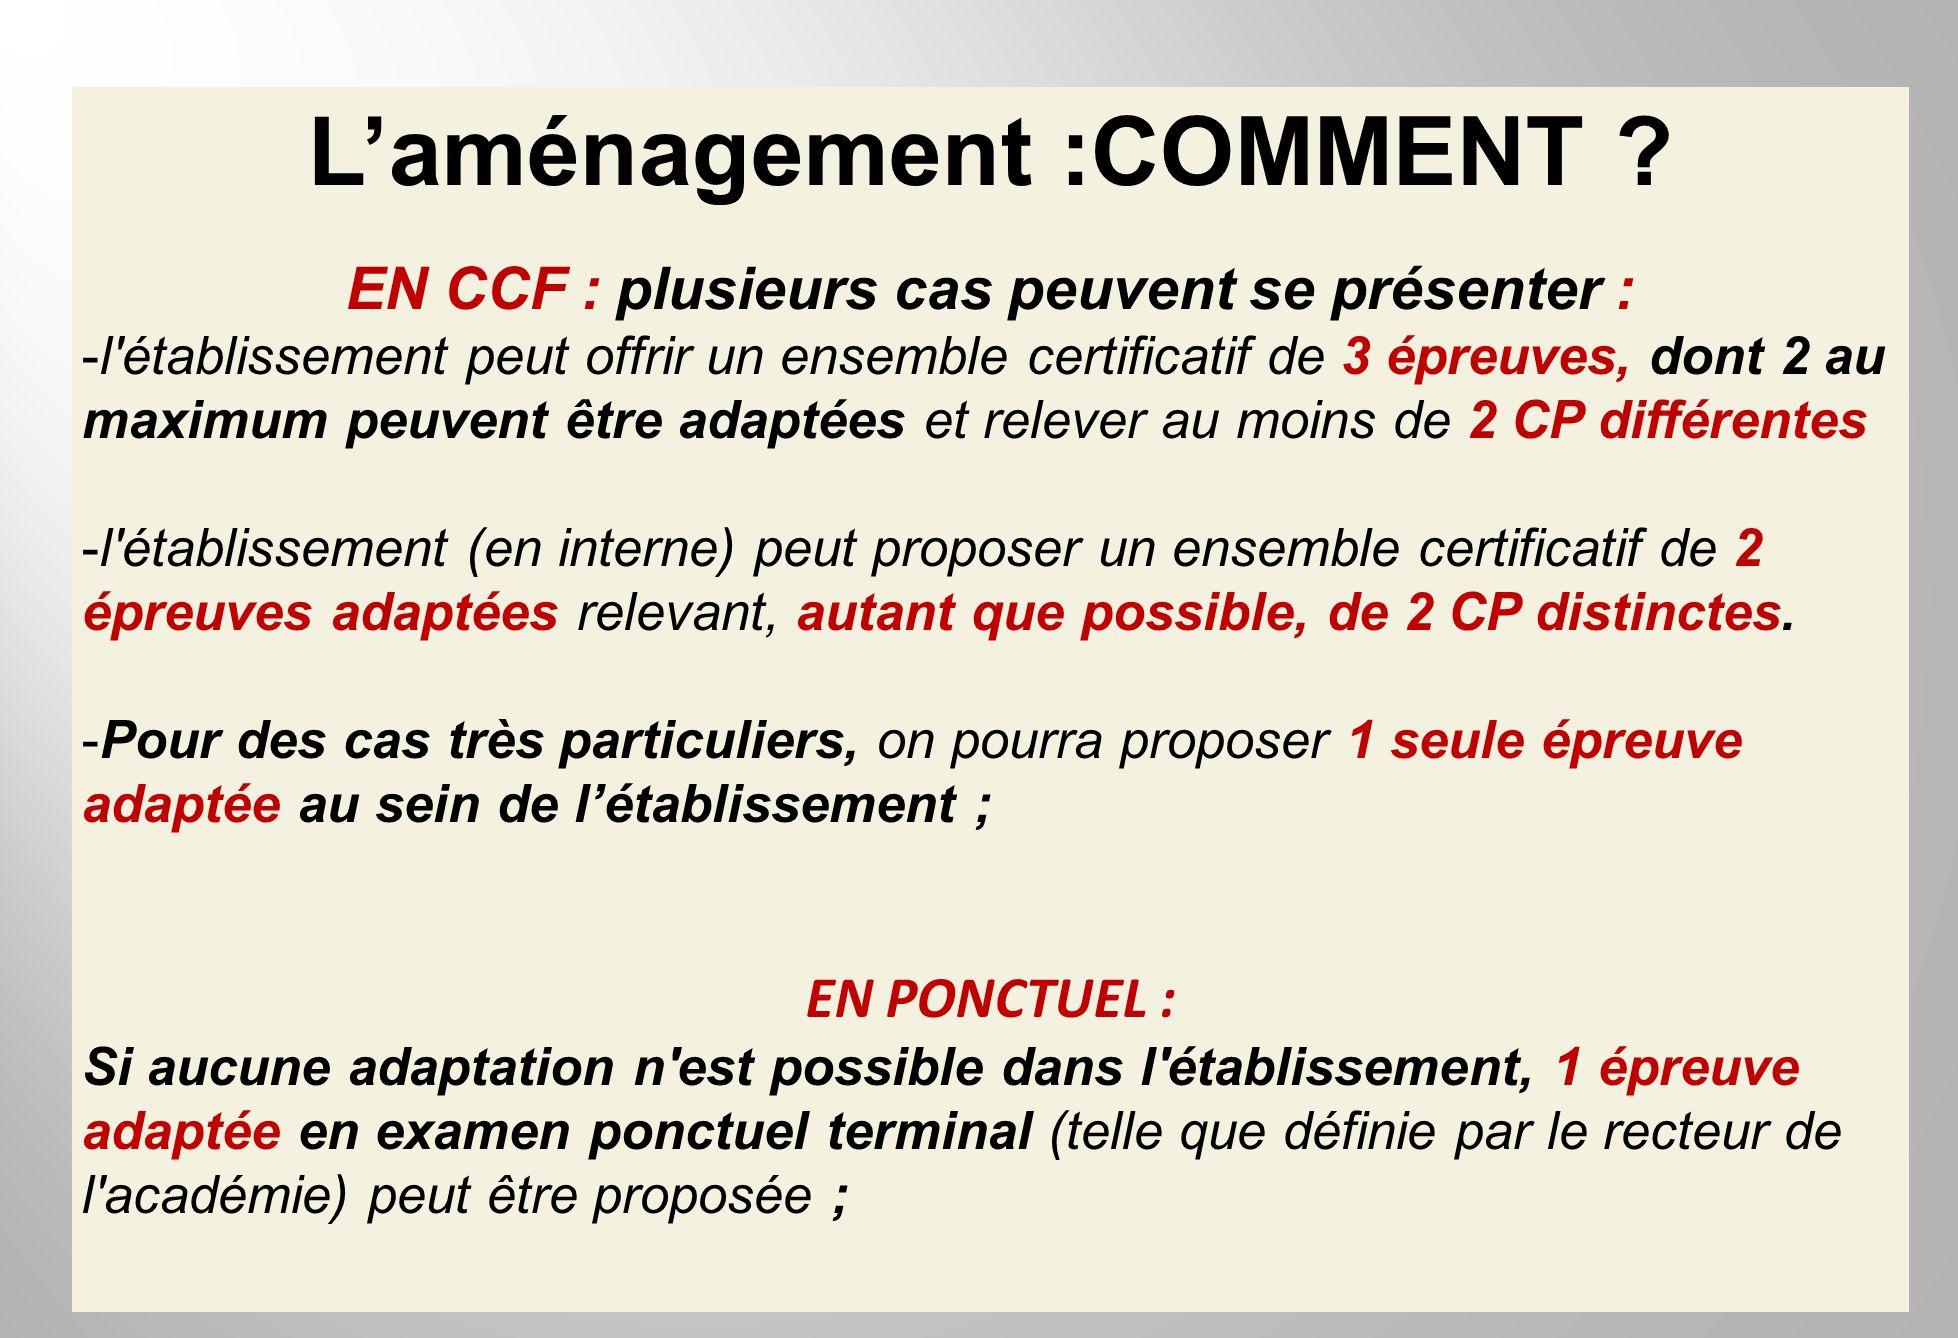 L'aménagement :COMMENT EN CCF : plusieurs cas peuvent se présenter :